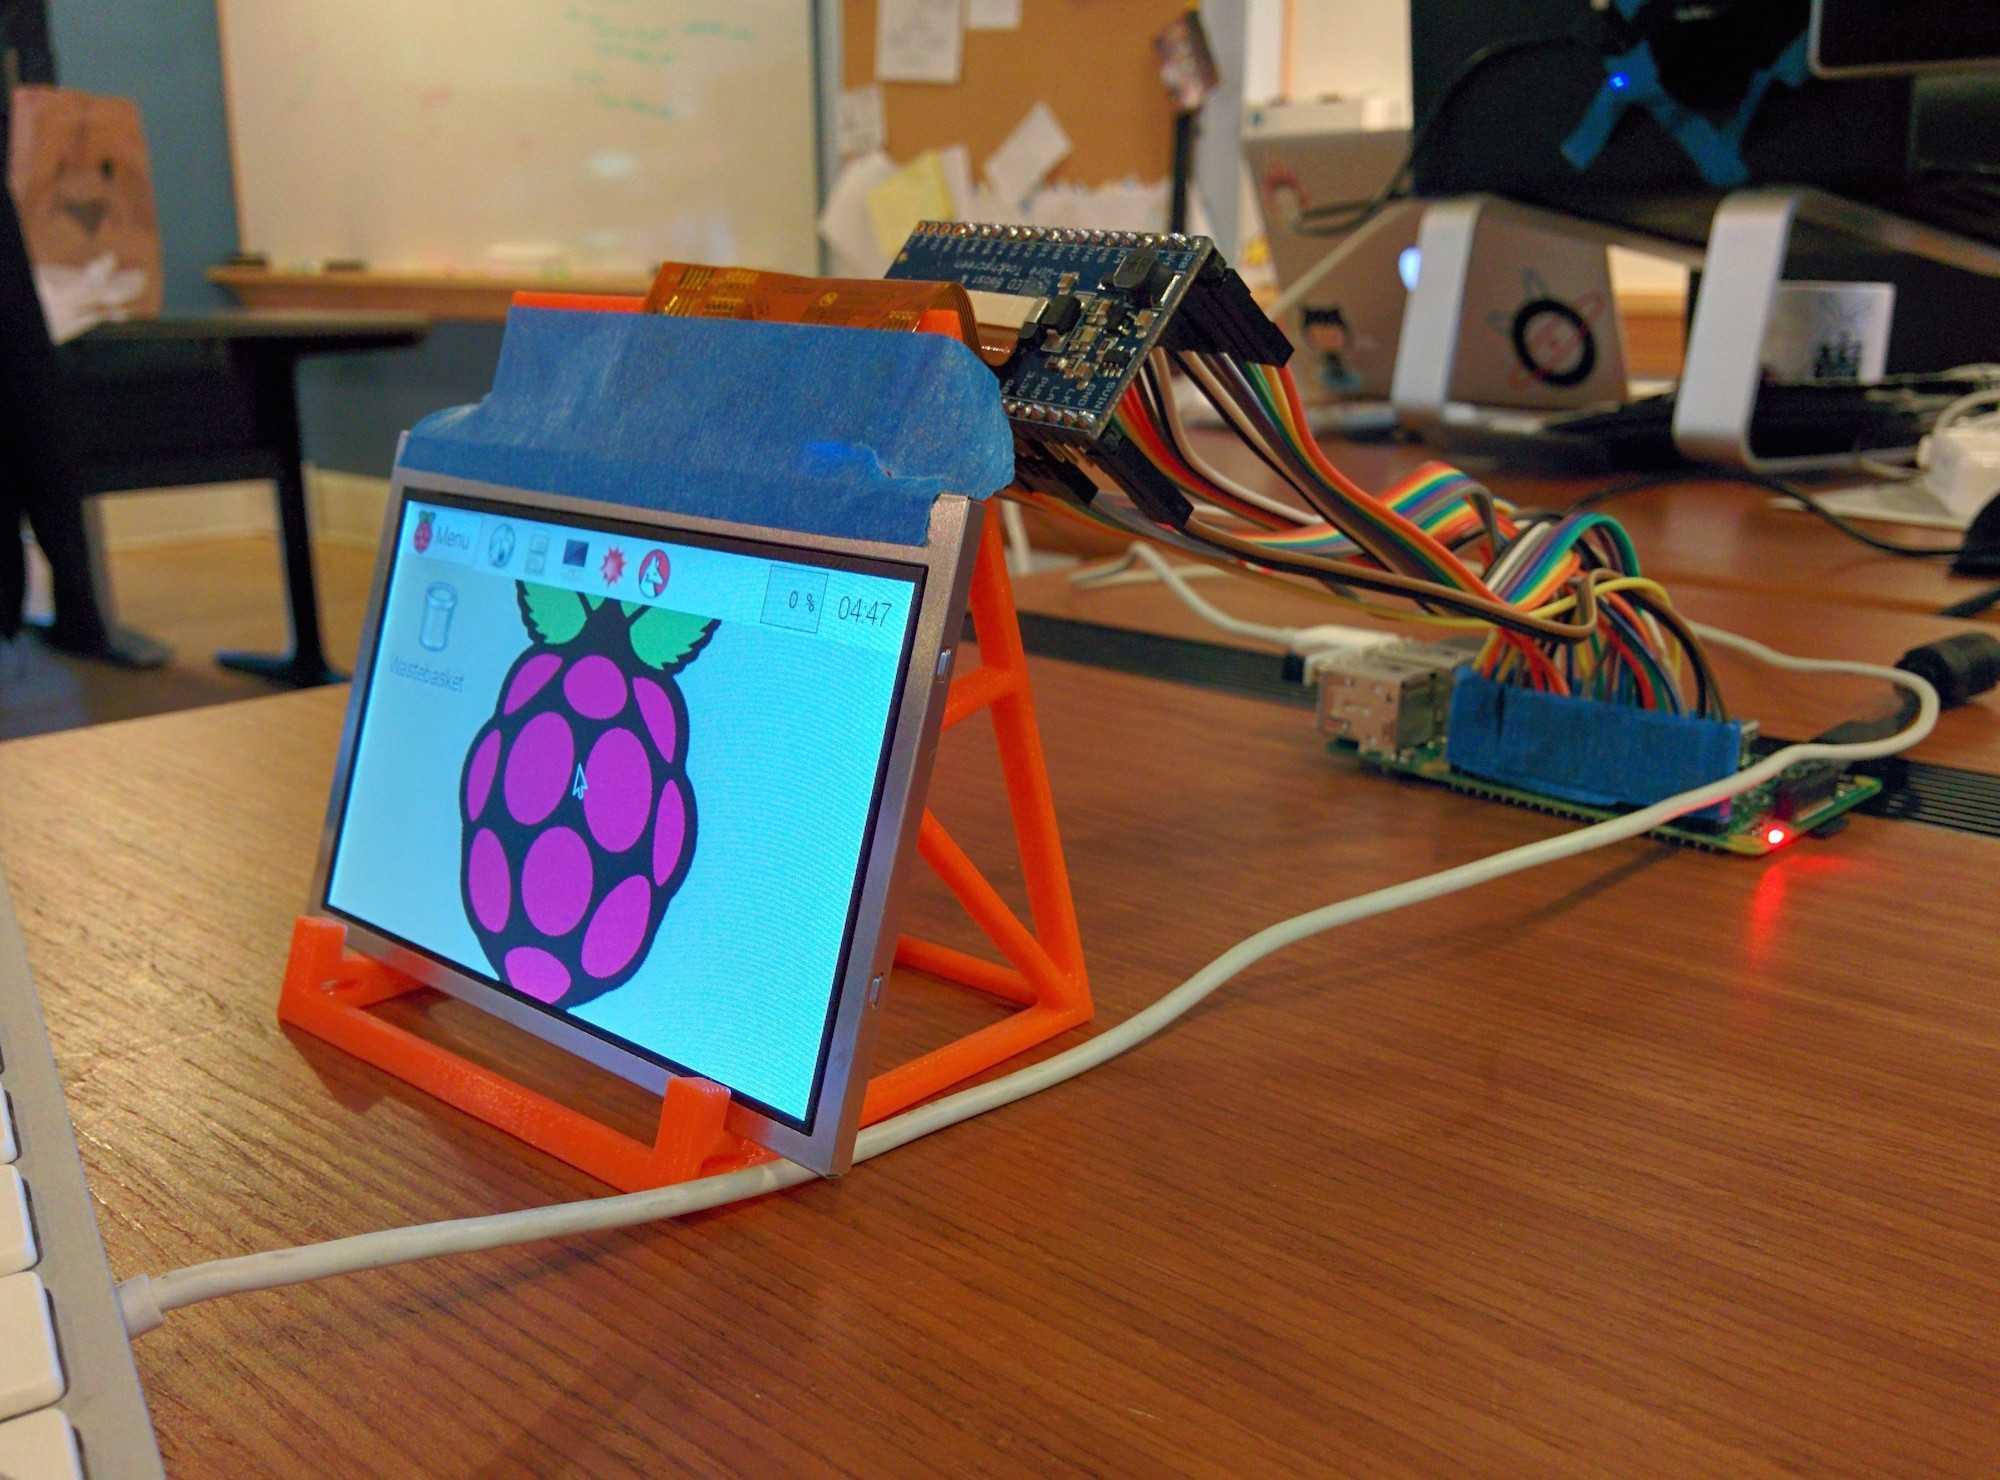 Raspberry выпустила полноценный пк внутри клавиатуры. видео - cnews